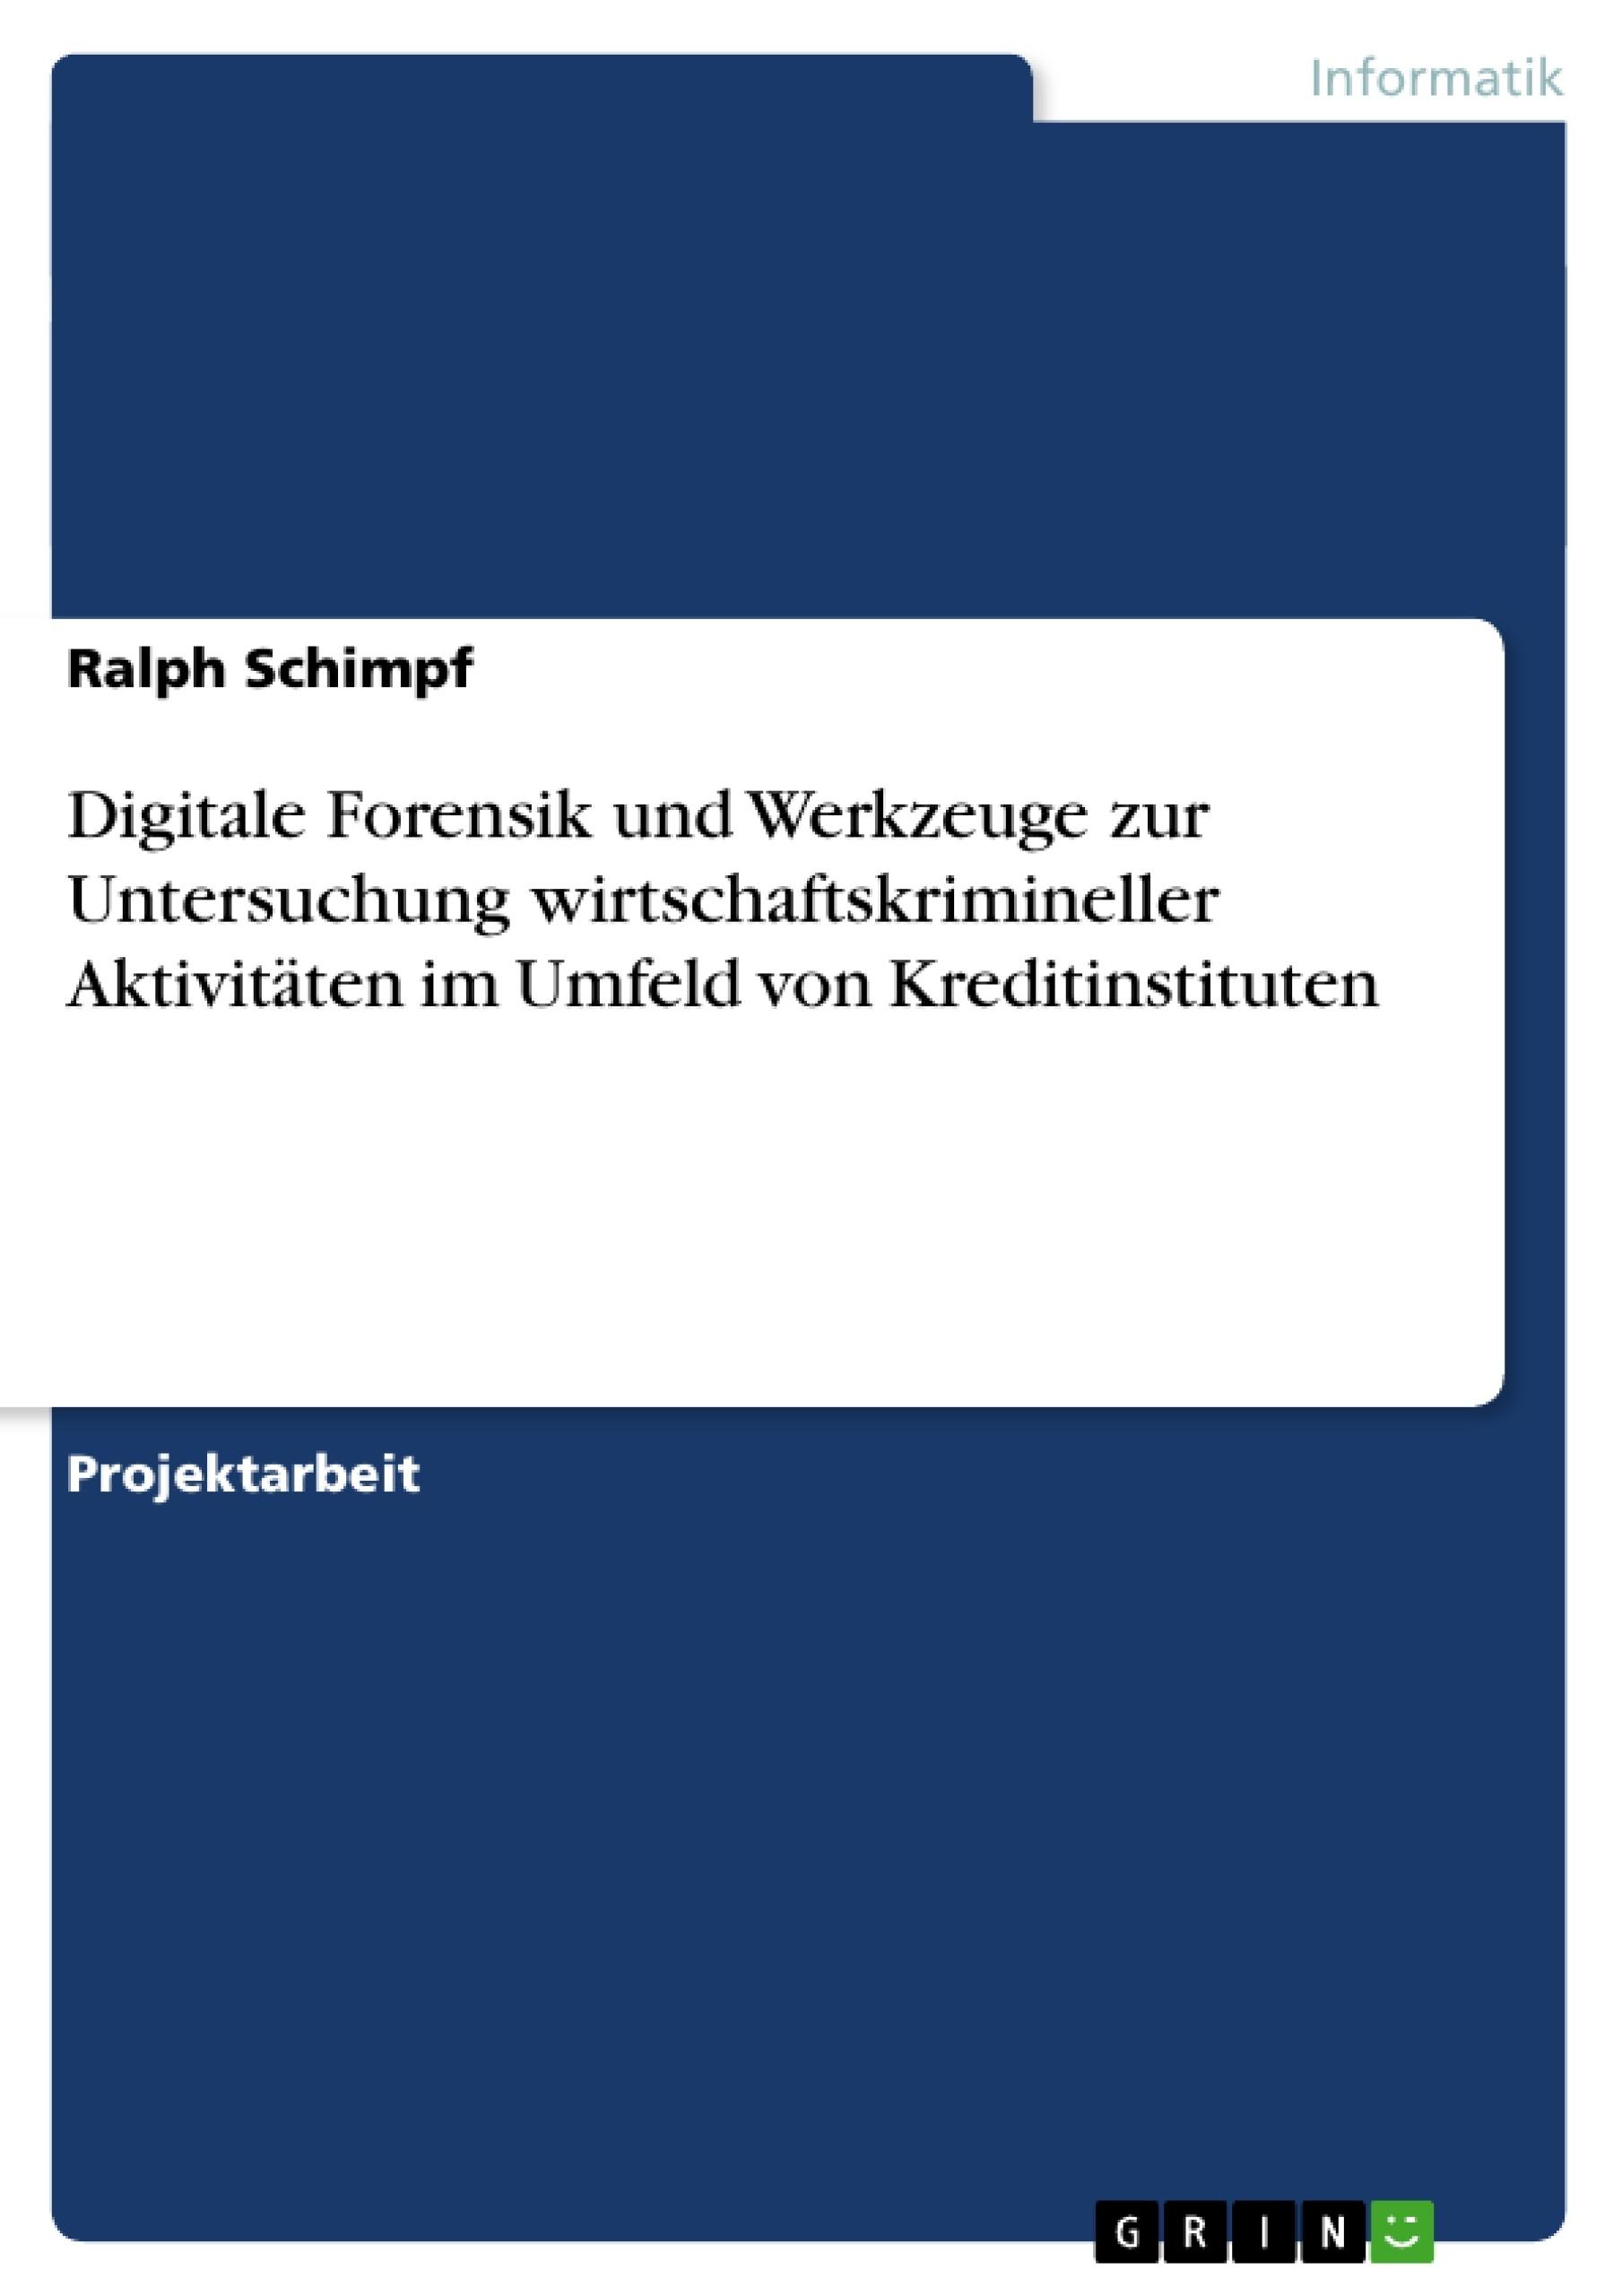 Titel: Digitale Forensik und Werkzeuge zur Untersuchung wirtschaftskrimineller Aktivitäten im Umfeld von Kreditinstituten